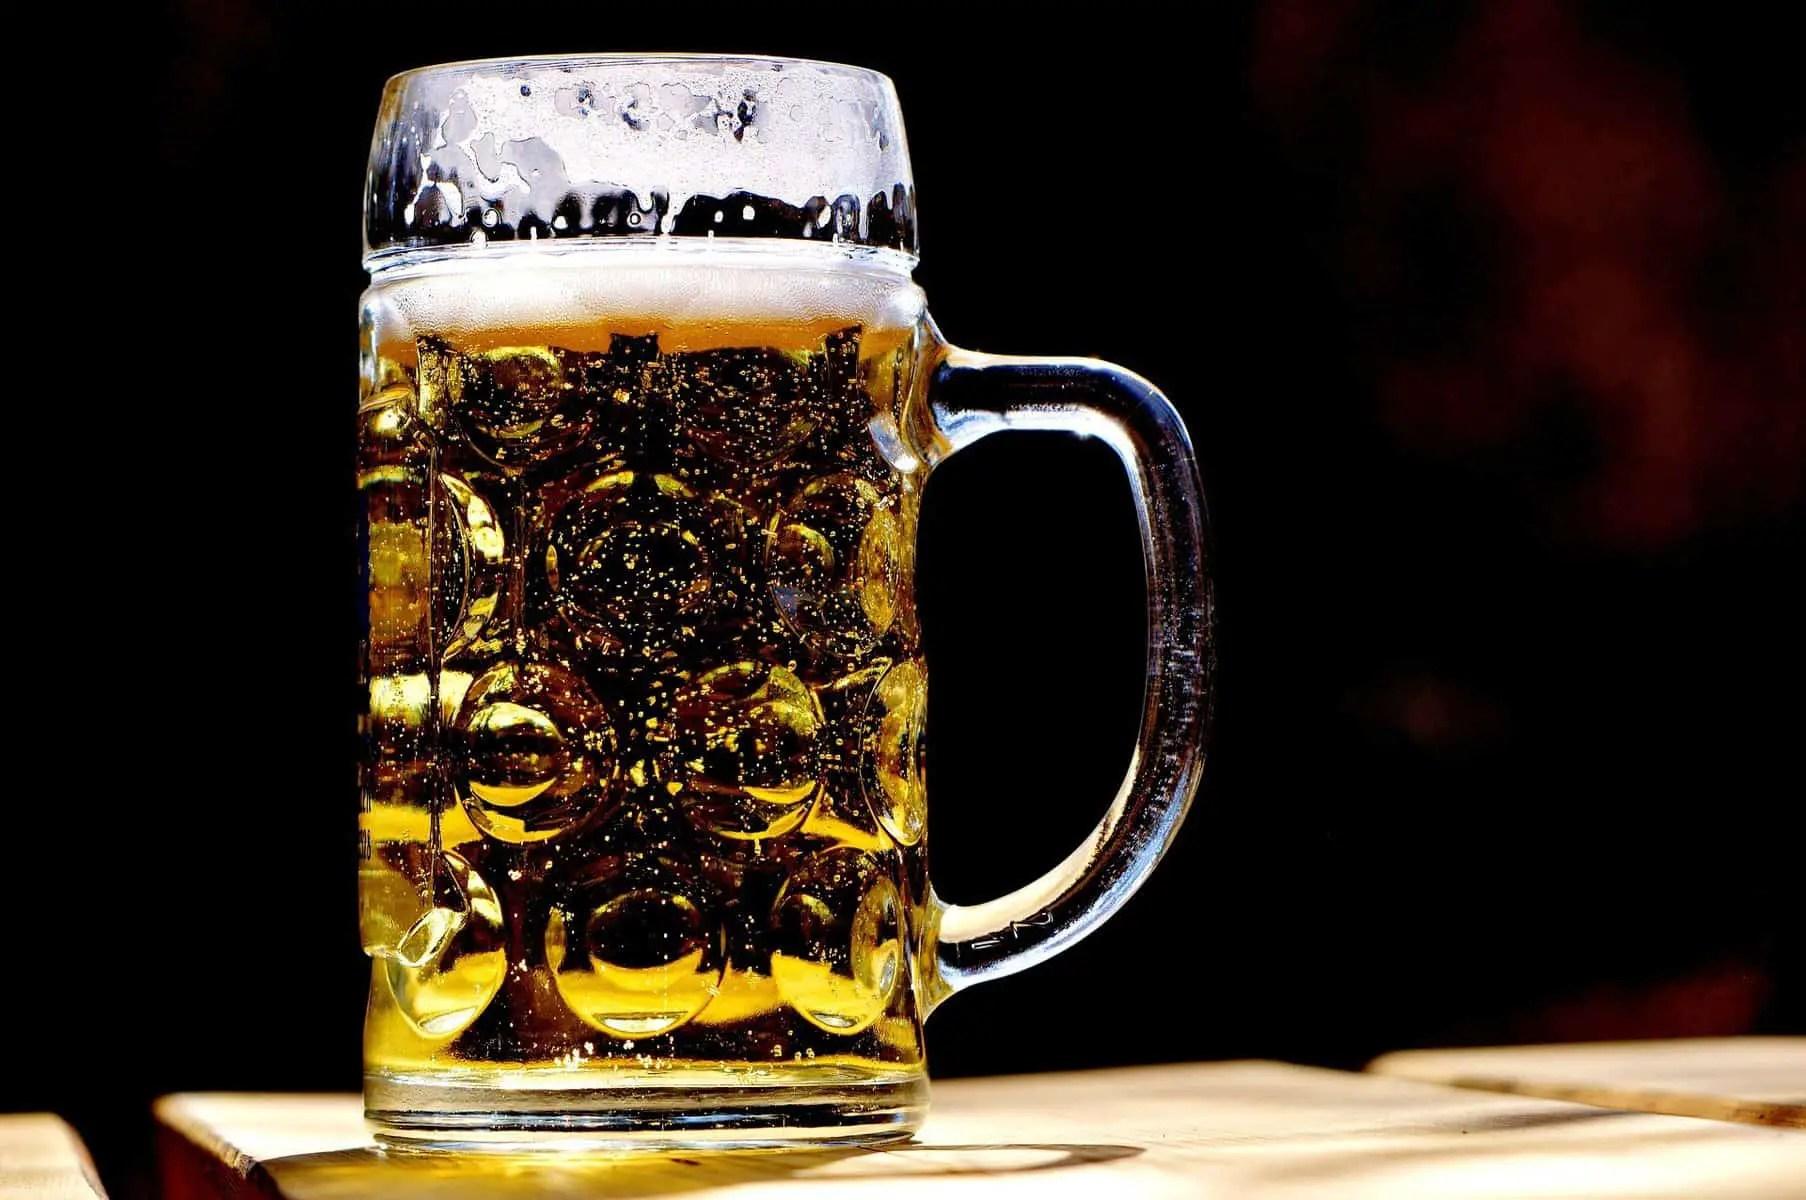 A Mug of Filtered Home Brewed Beer